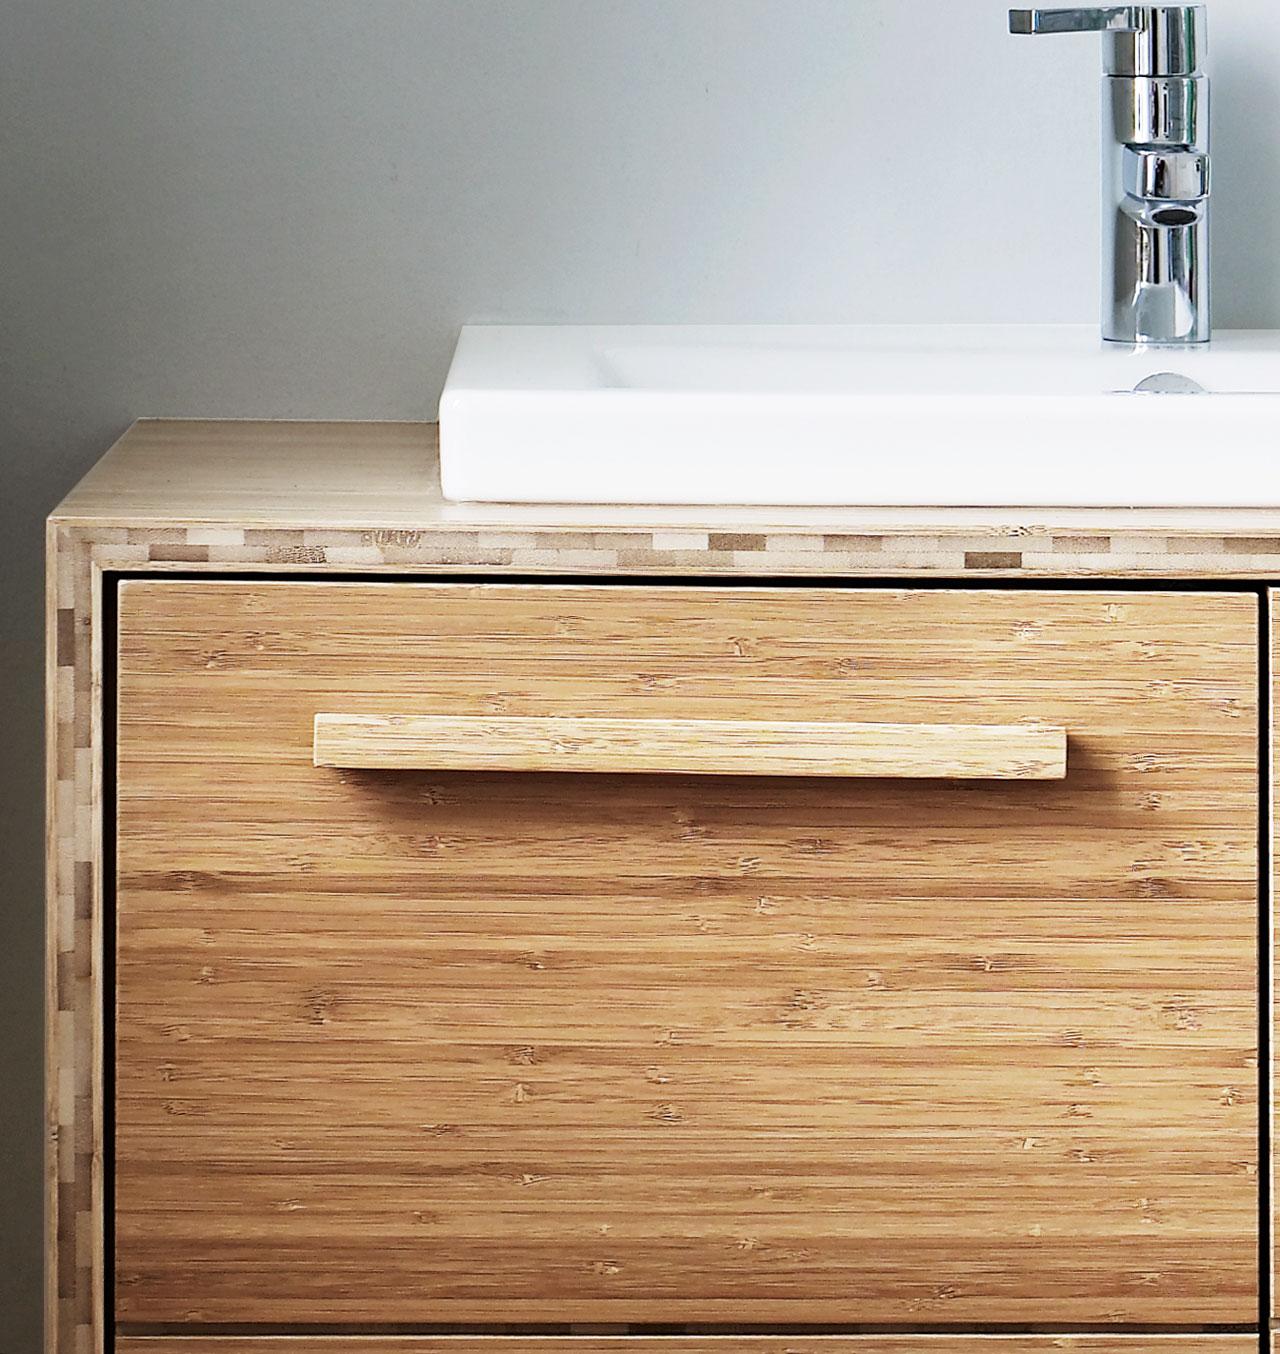 bambus med bambus k kkenskaberne. Black Bedroom Furniture Sets. Home Design Ideas